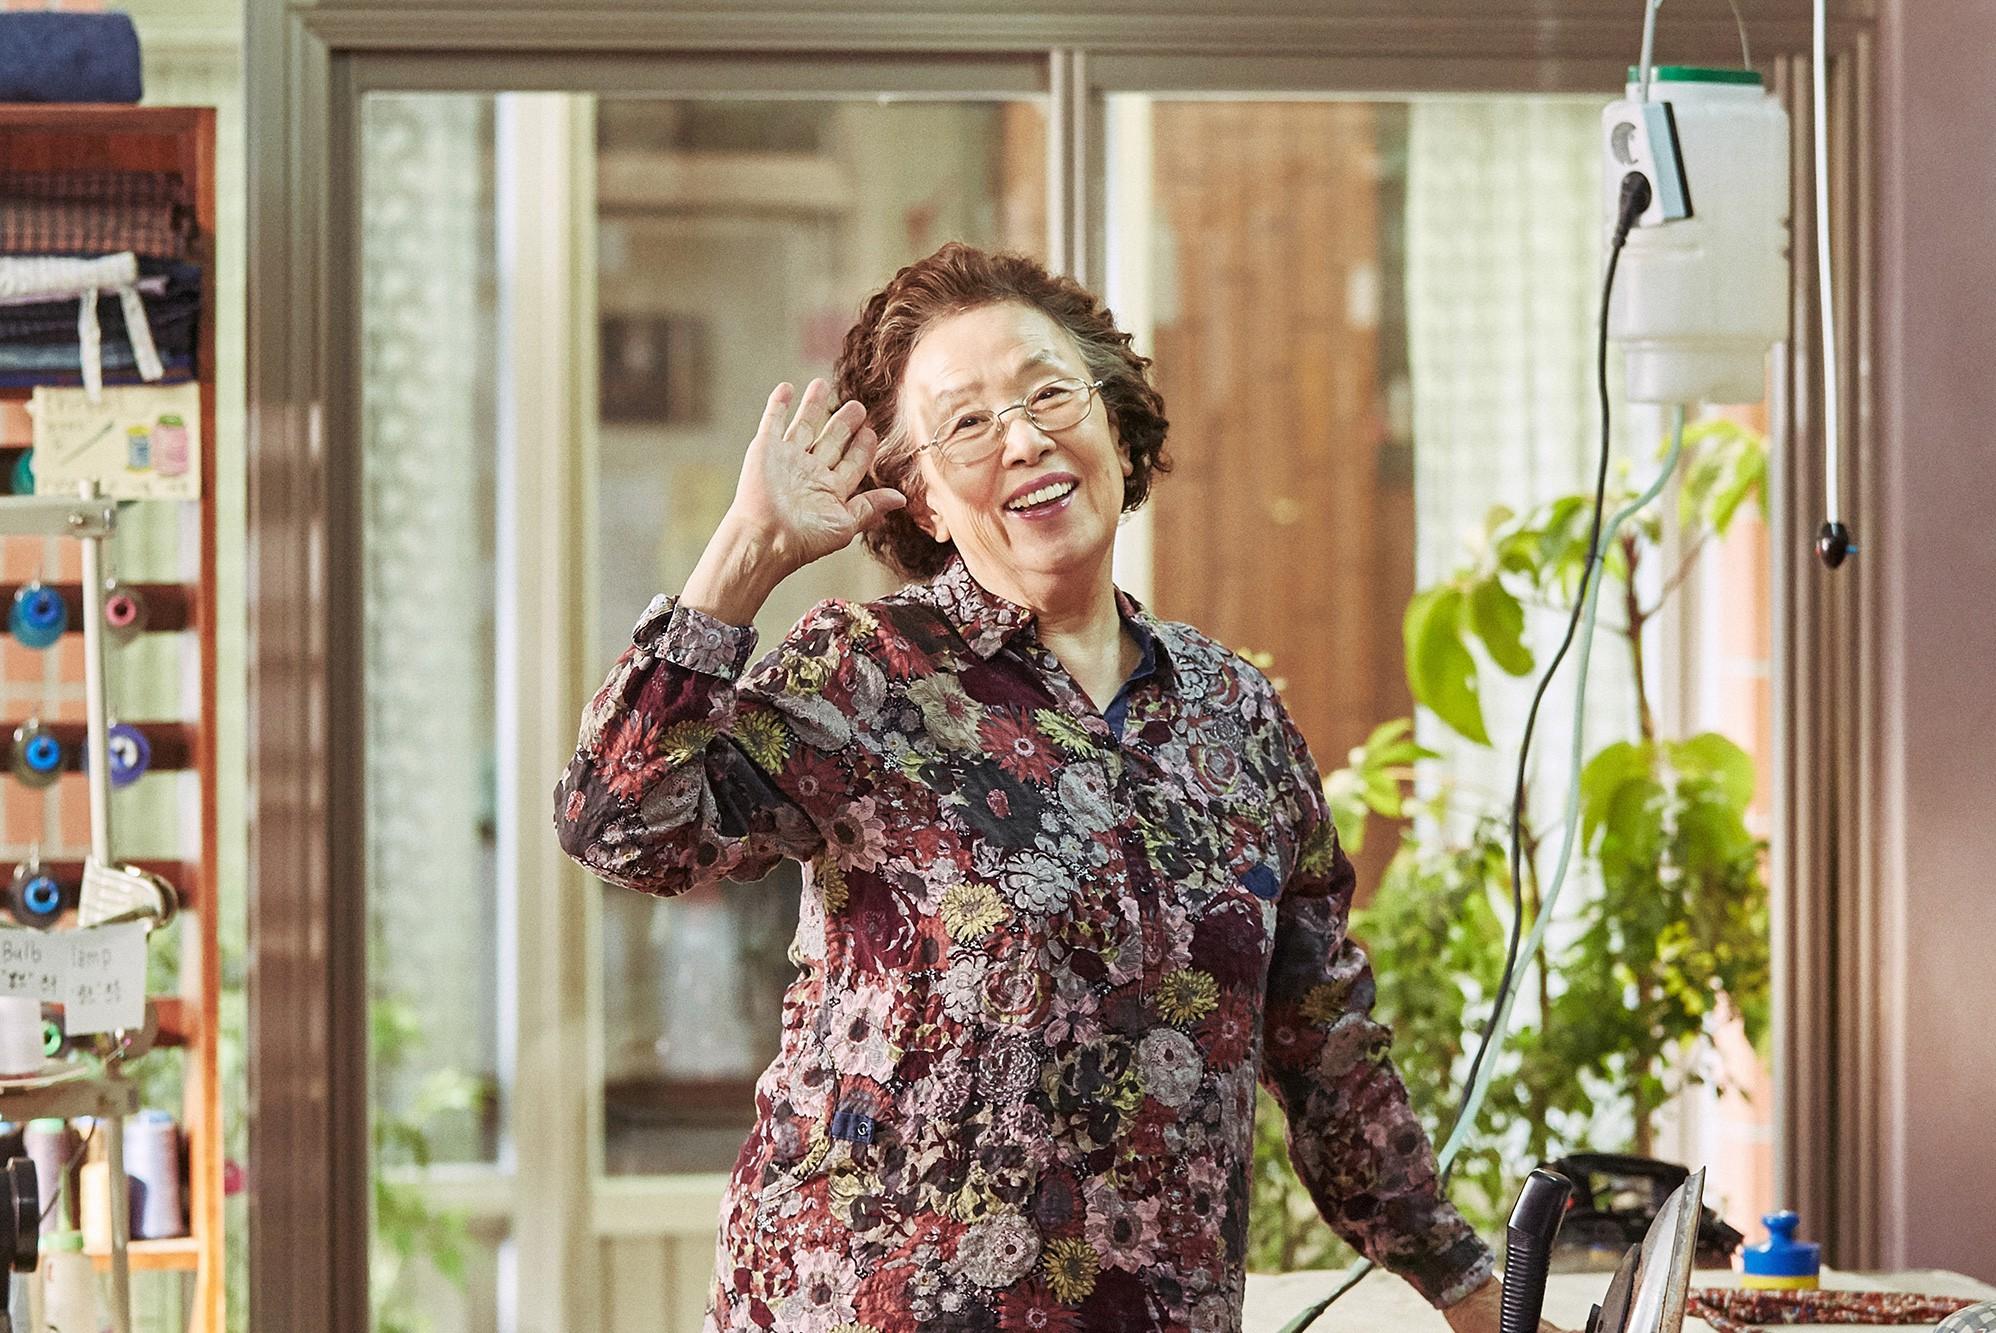 I Can Speak: Ngỡ phim trong nhà ngoài phố, không ngờ là một bài diễn văn chính trị xứ Hàn! - Ảnh 4.